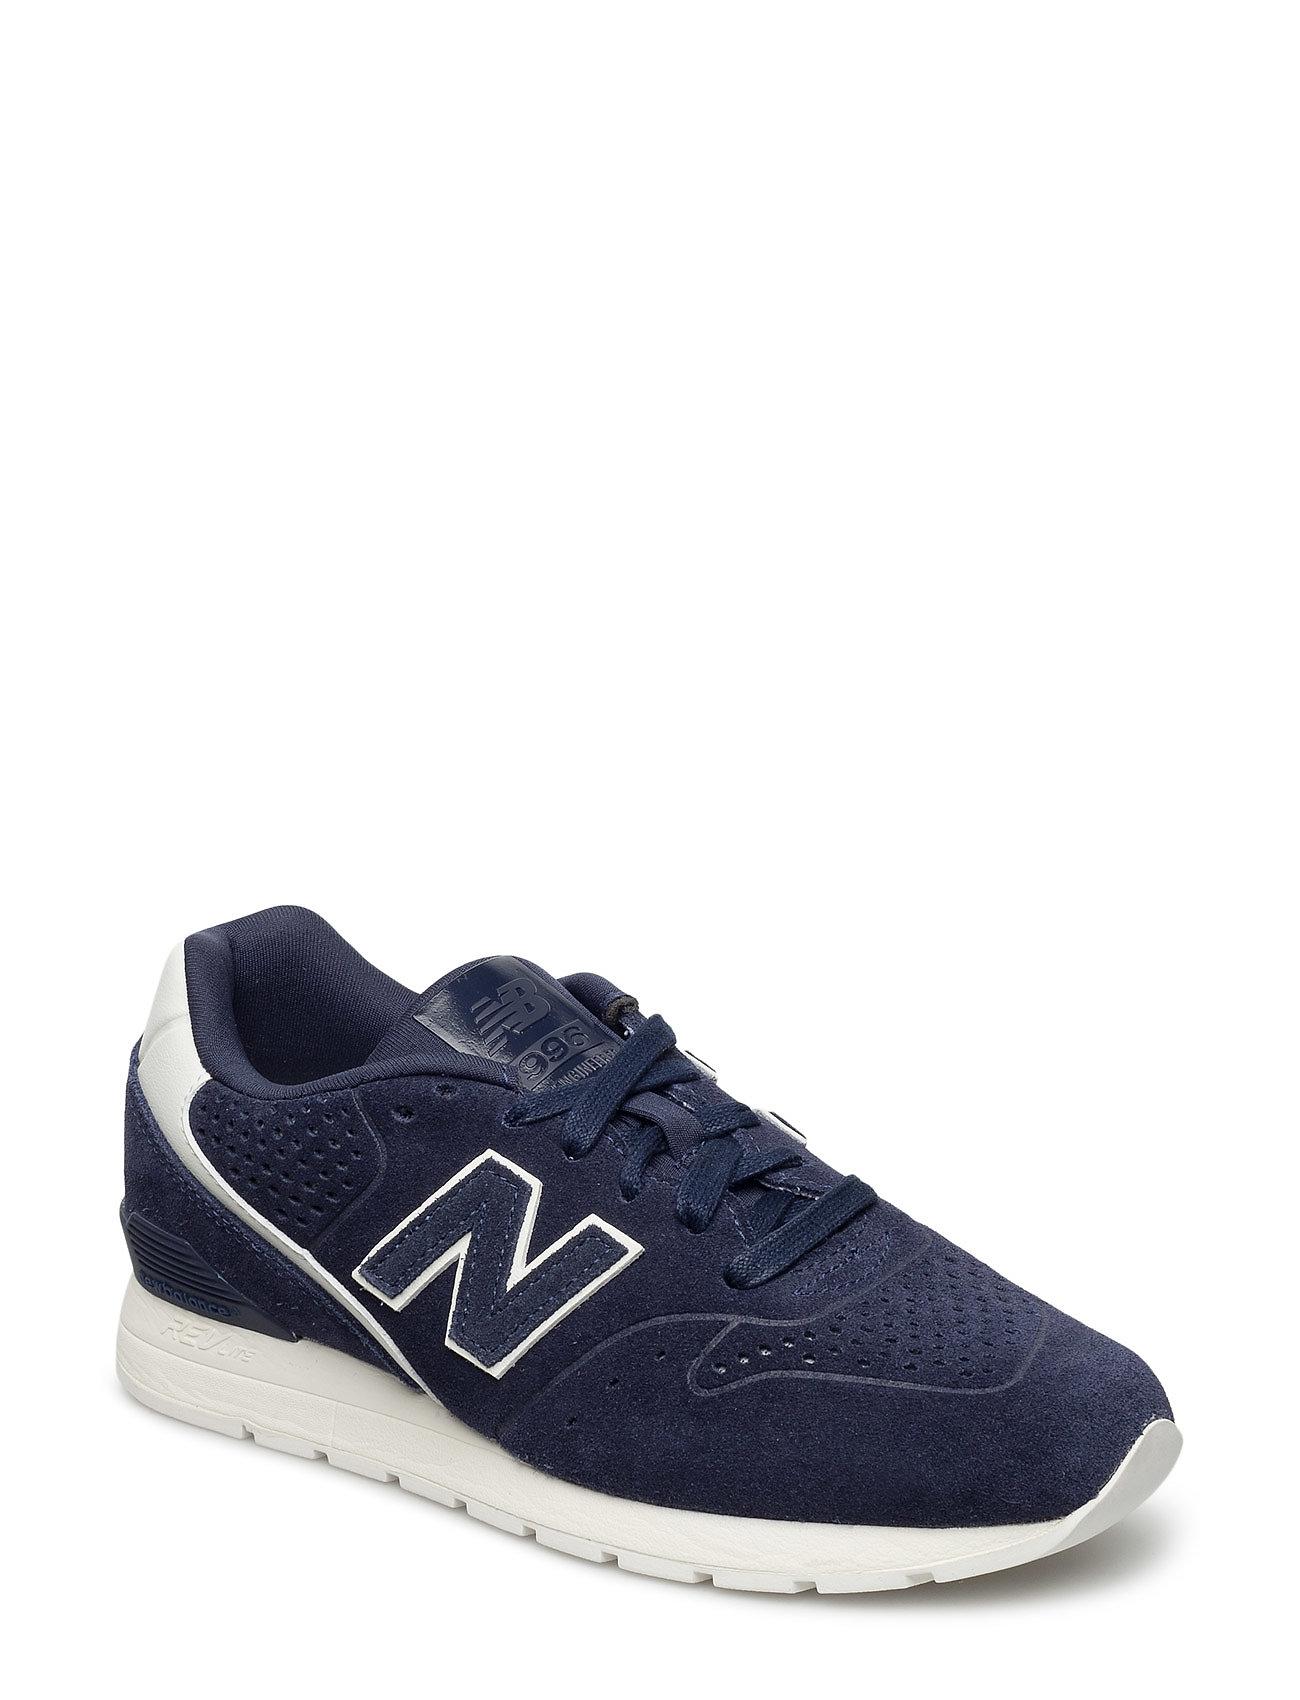 Mrl996dv New Balance Sneakers til Herrer i Navy blå